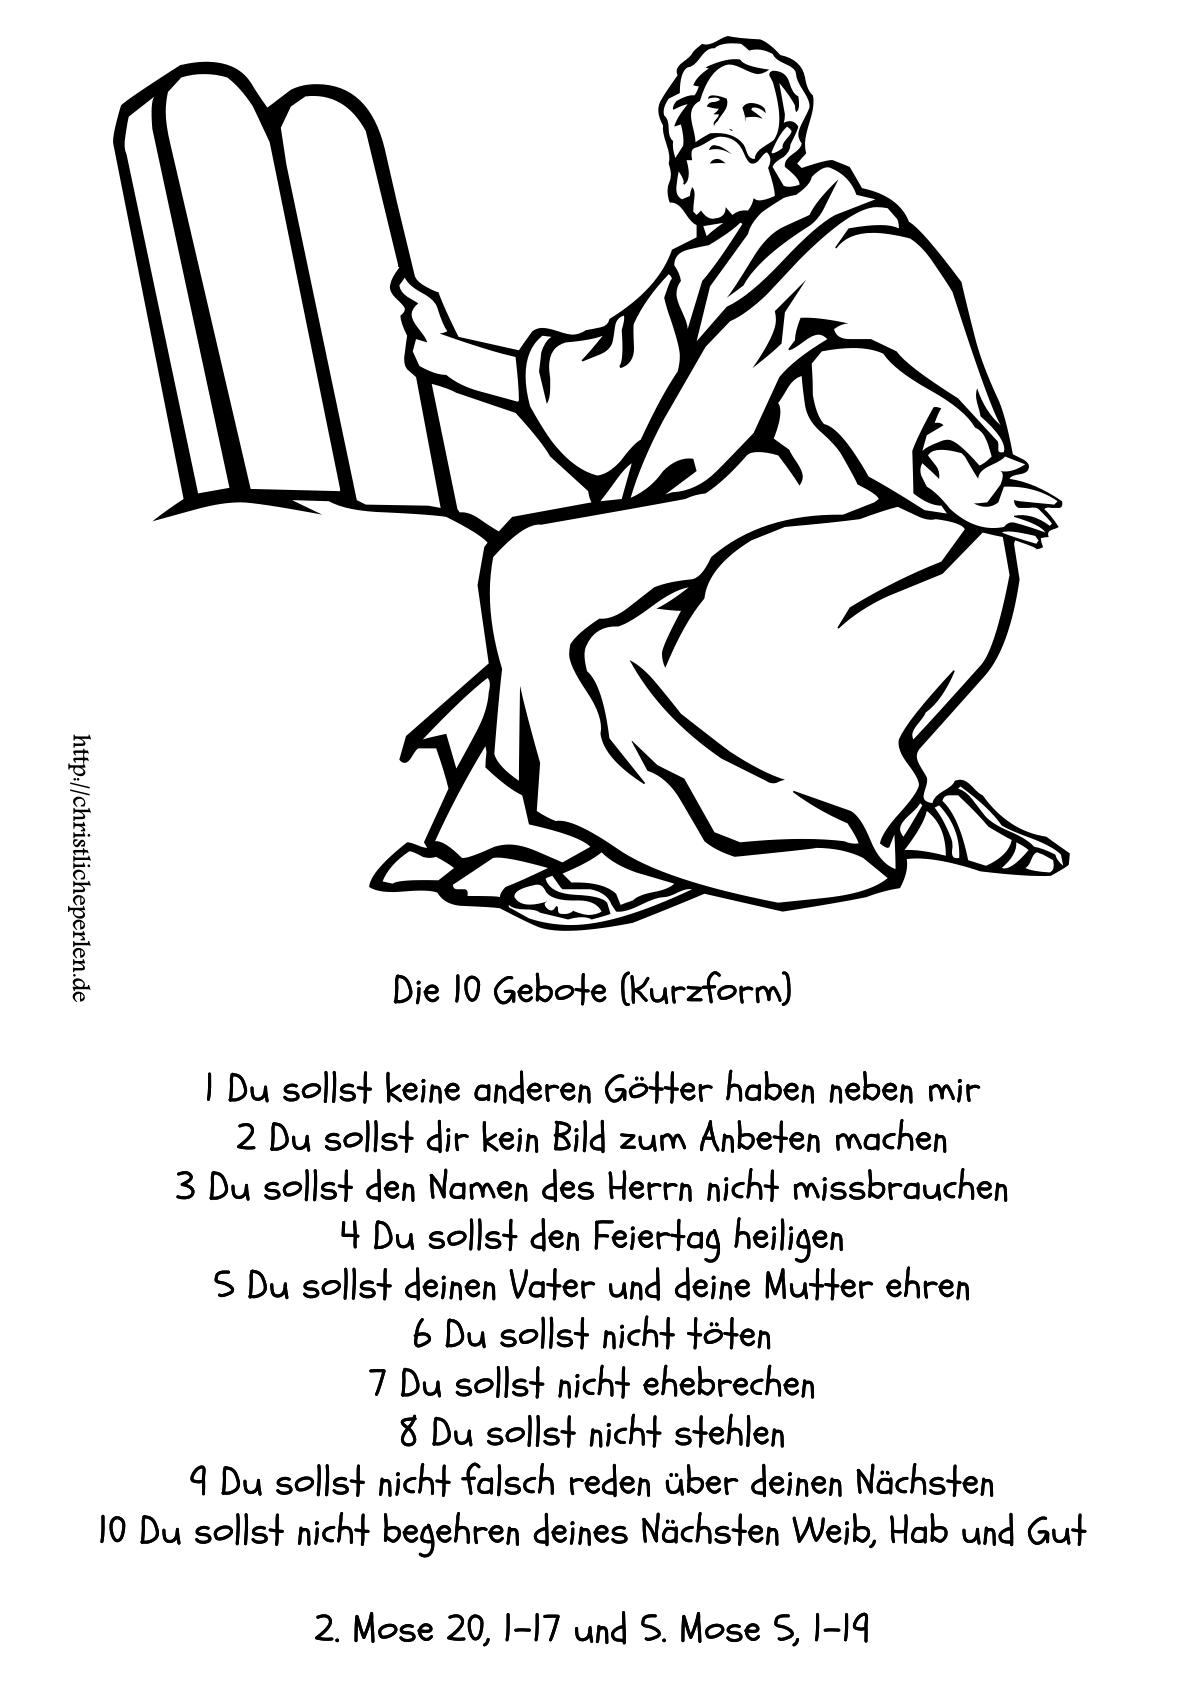 biblische malvorlagen 10 gebote 05 | religion | Pinterest | Gebote ...